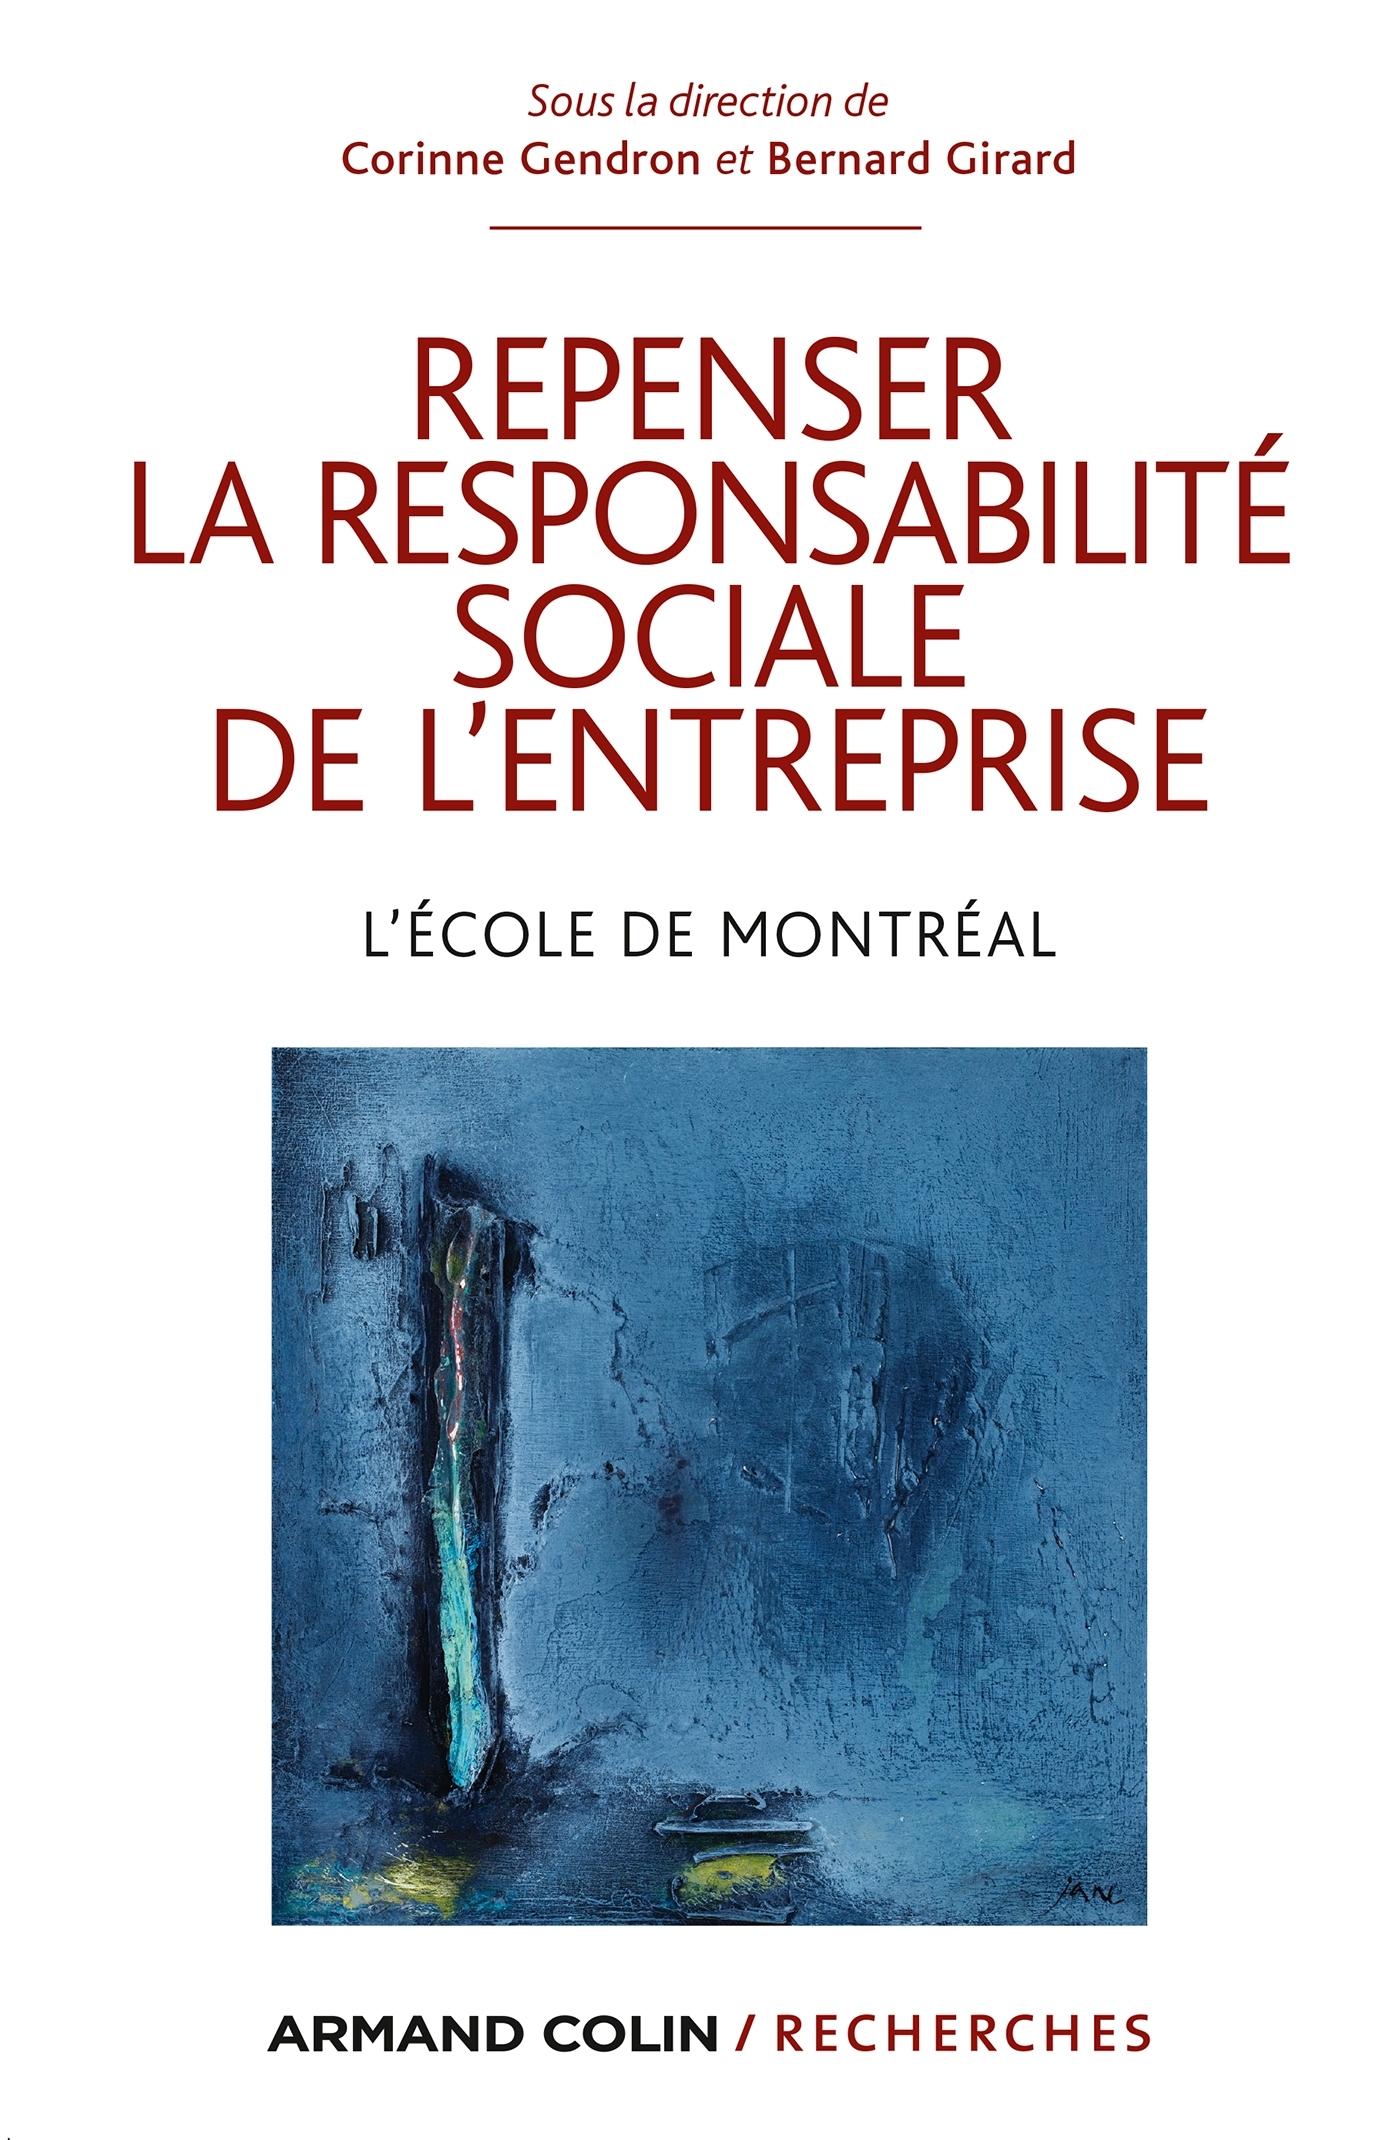 REPENSER LA RESPONSABILITE SOCIALE DE L'ENTREPRISE